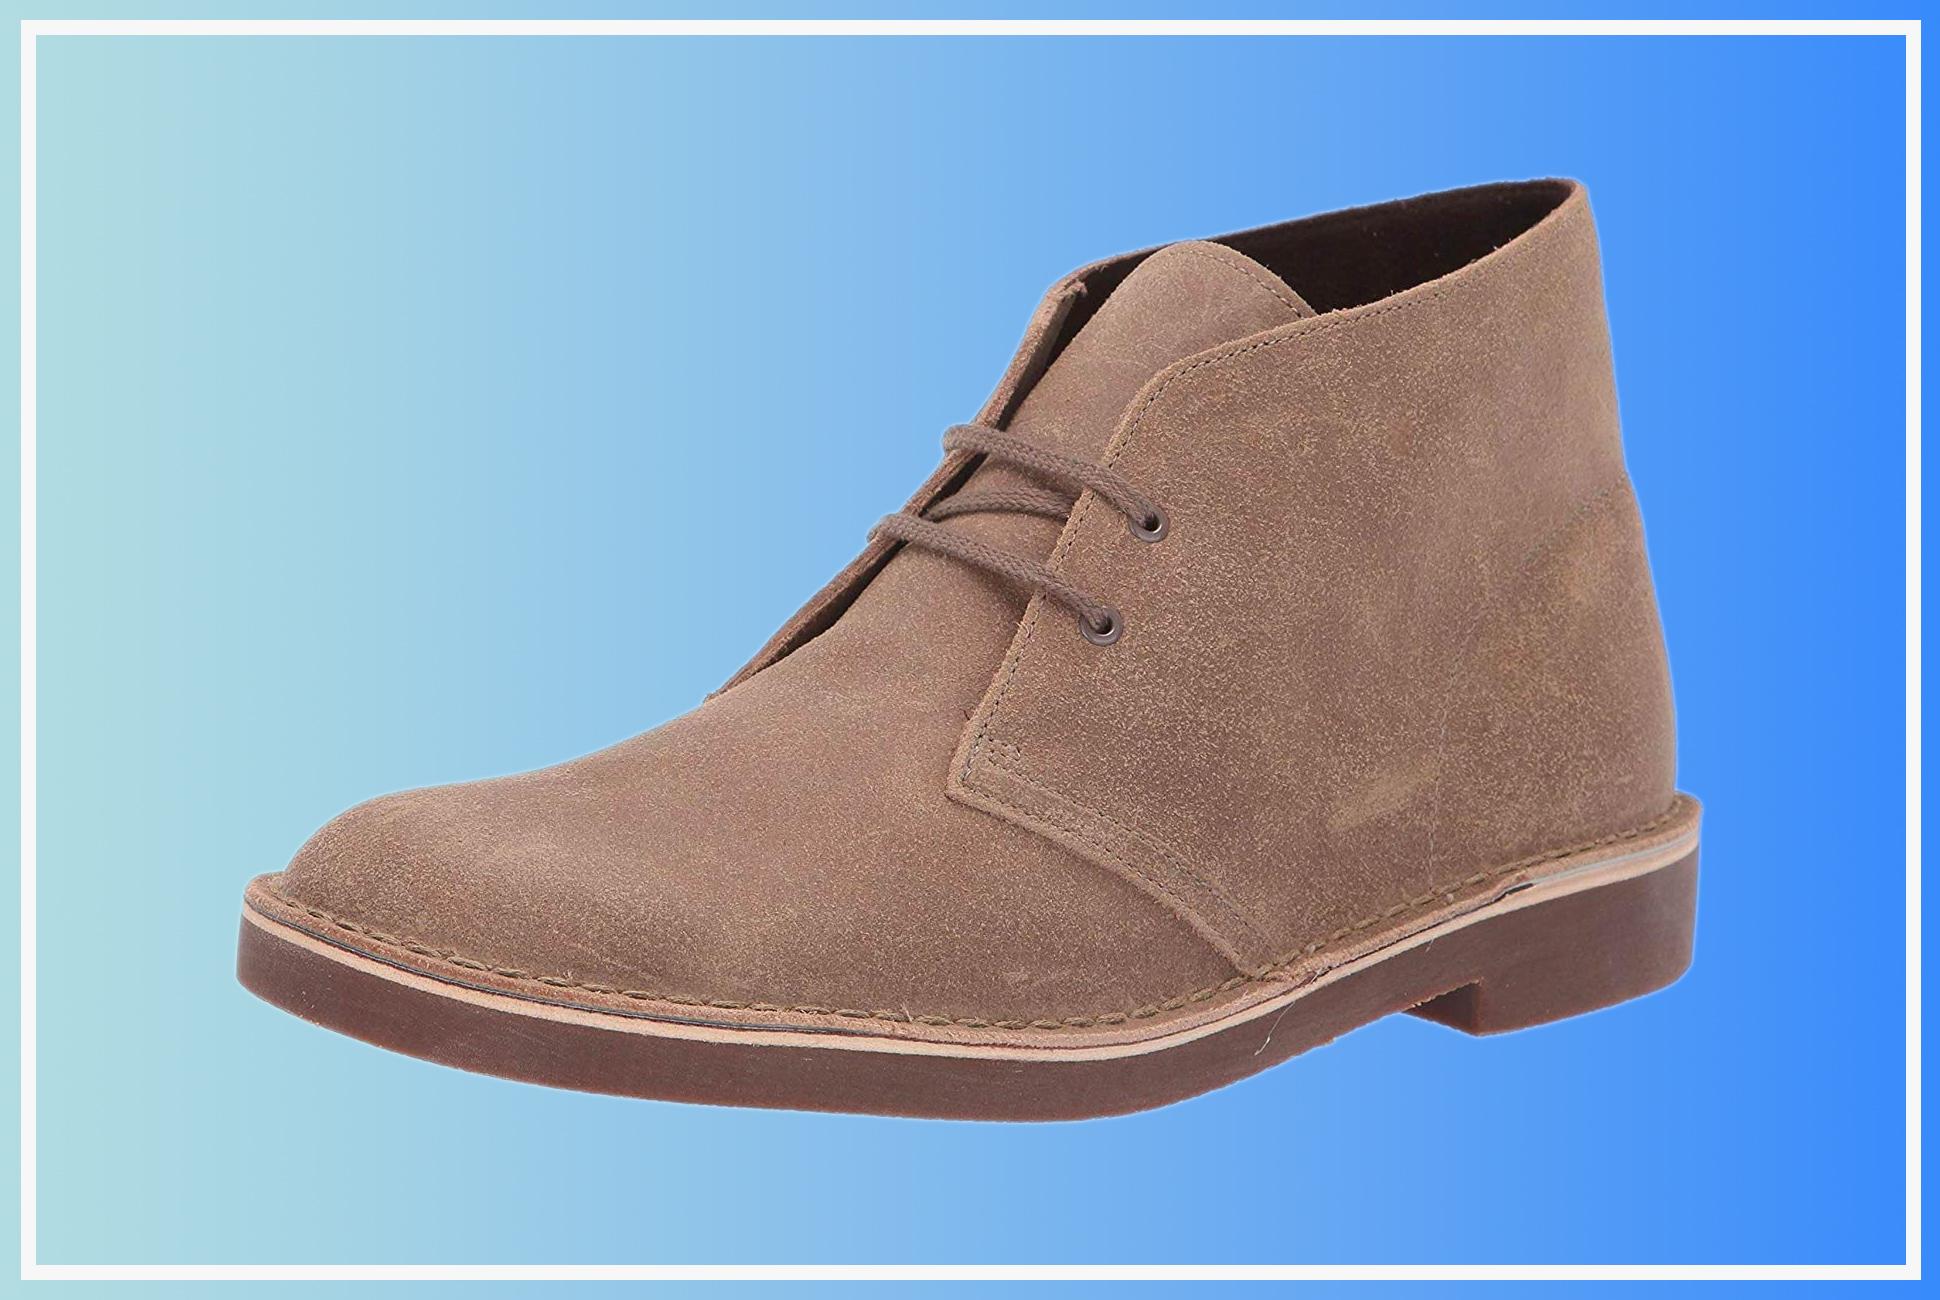 Kjøp Beste menn Clarks Støvler Mote + Clarks Bushacre 2 Chukka